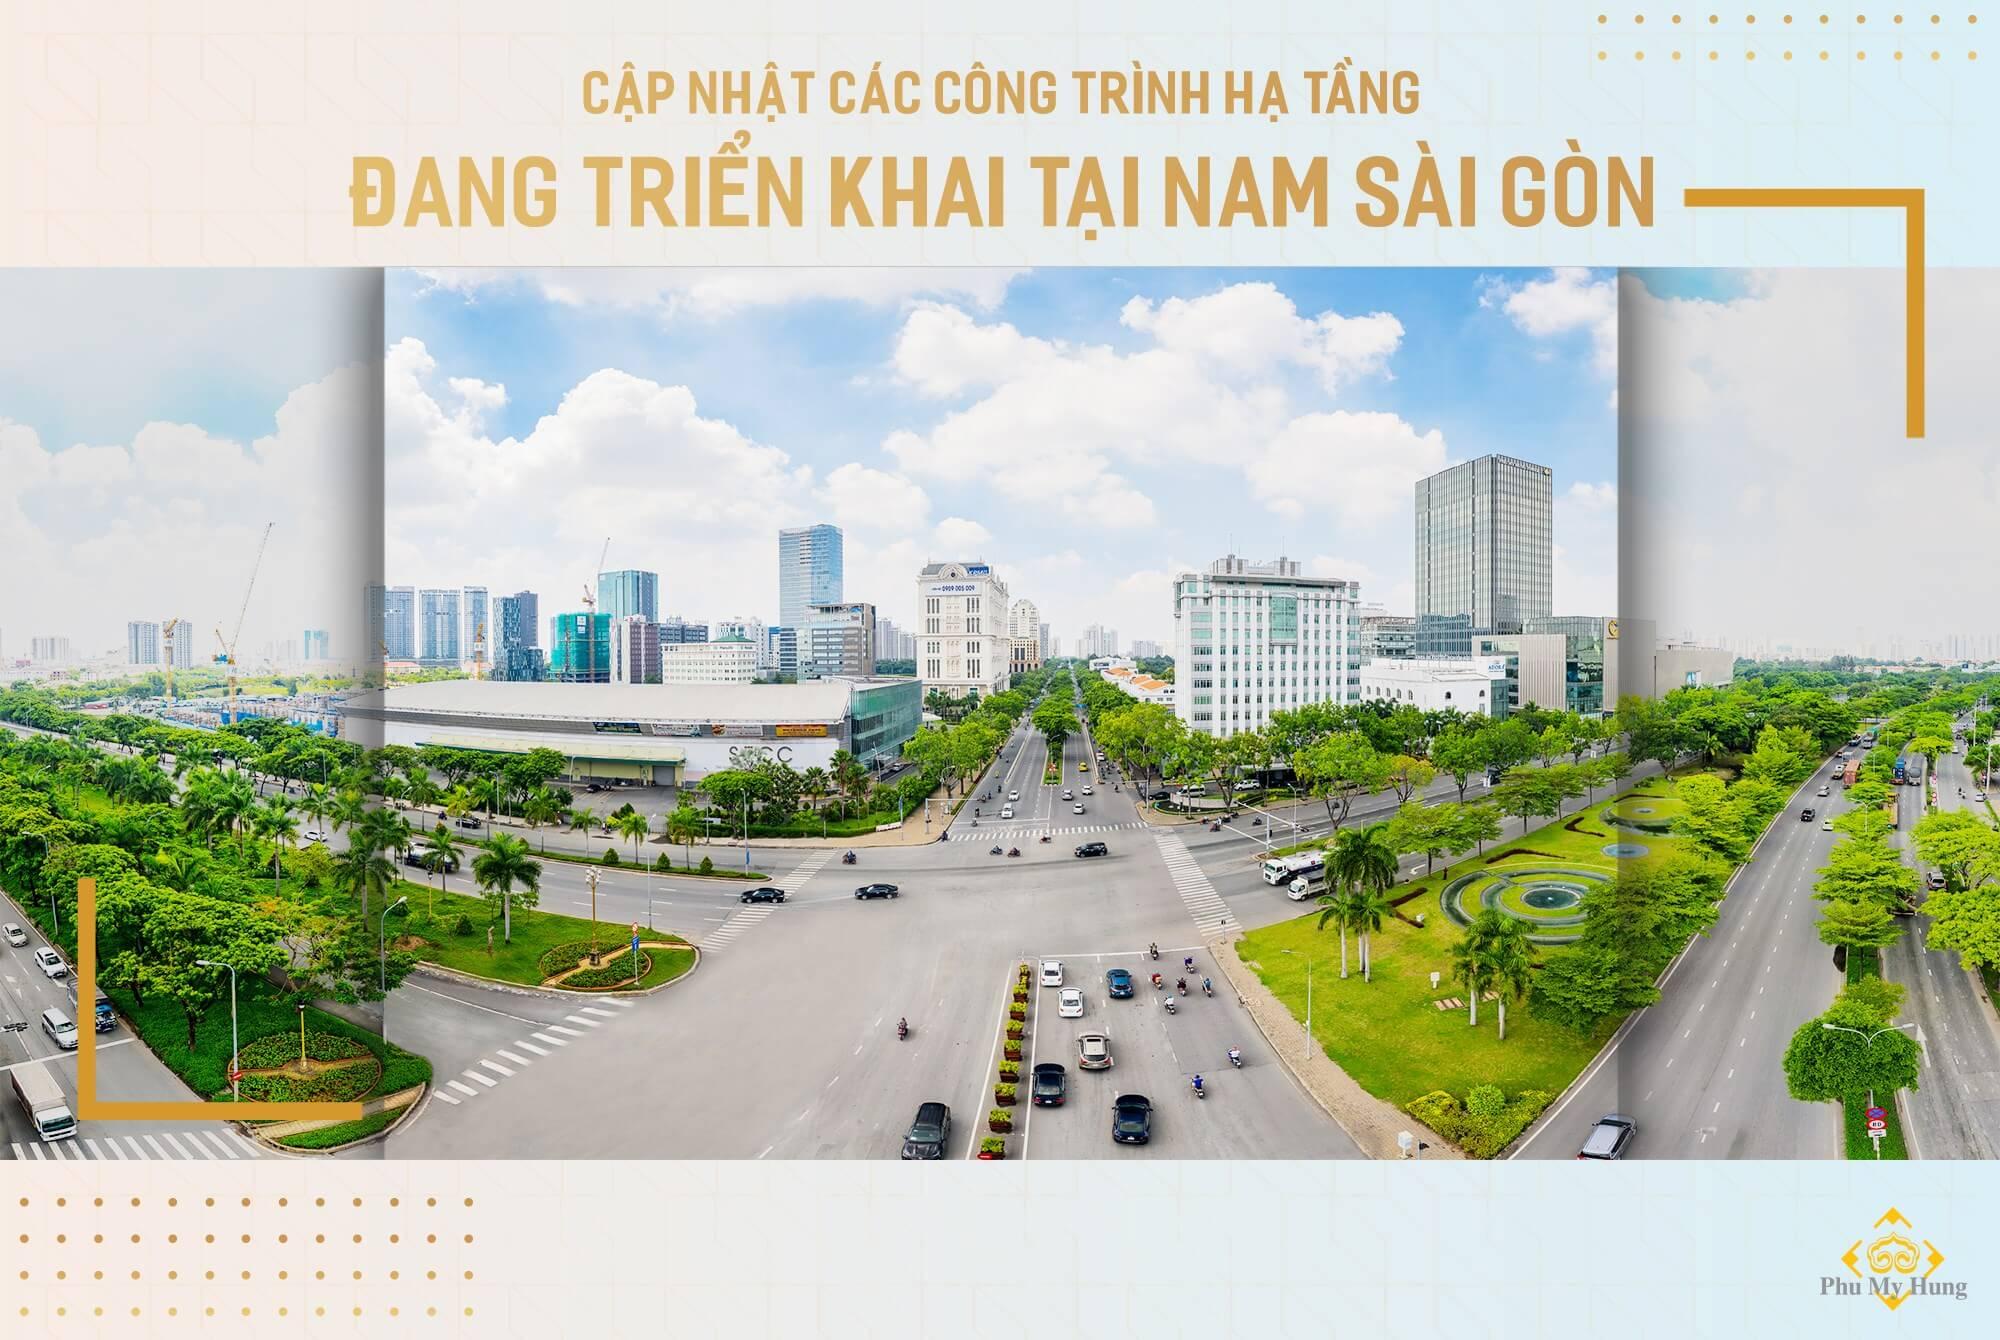 cong-trinh-dang-trien-khai-tai-phu-my-hung-quan-7